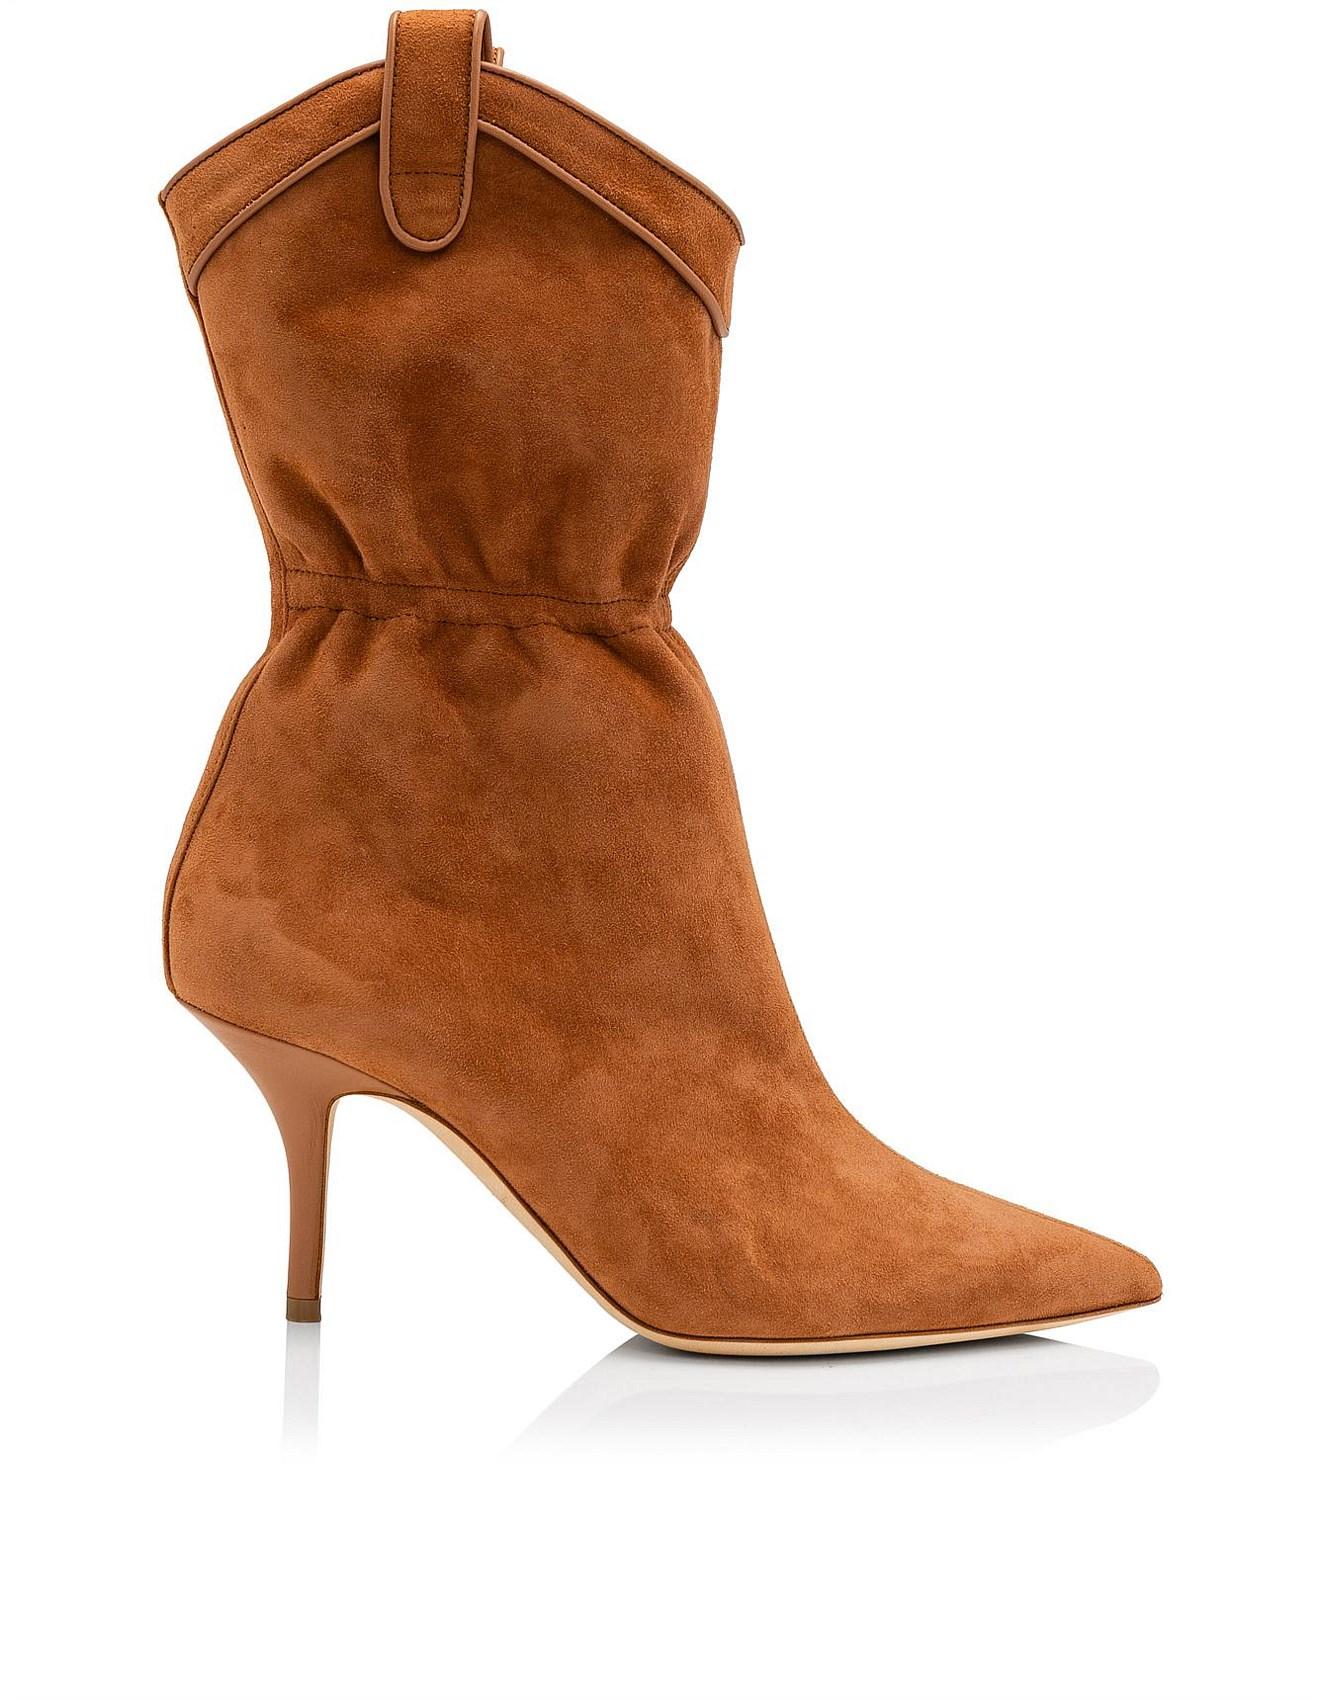 ffdd7c051c35a Shoes Sale | Men's, Women's & Kid's Shoes Online | David Jones - Daisy  Luwolt 70 BOOTIE